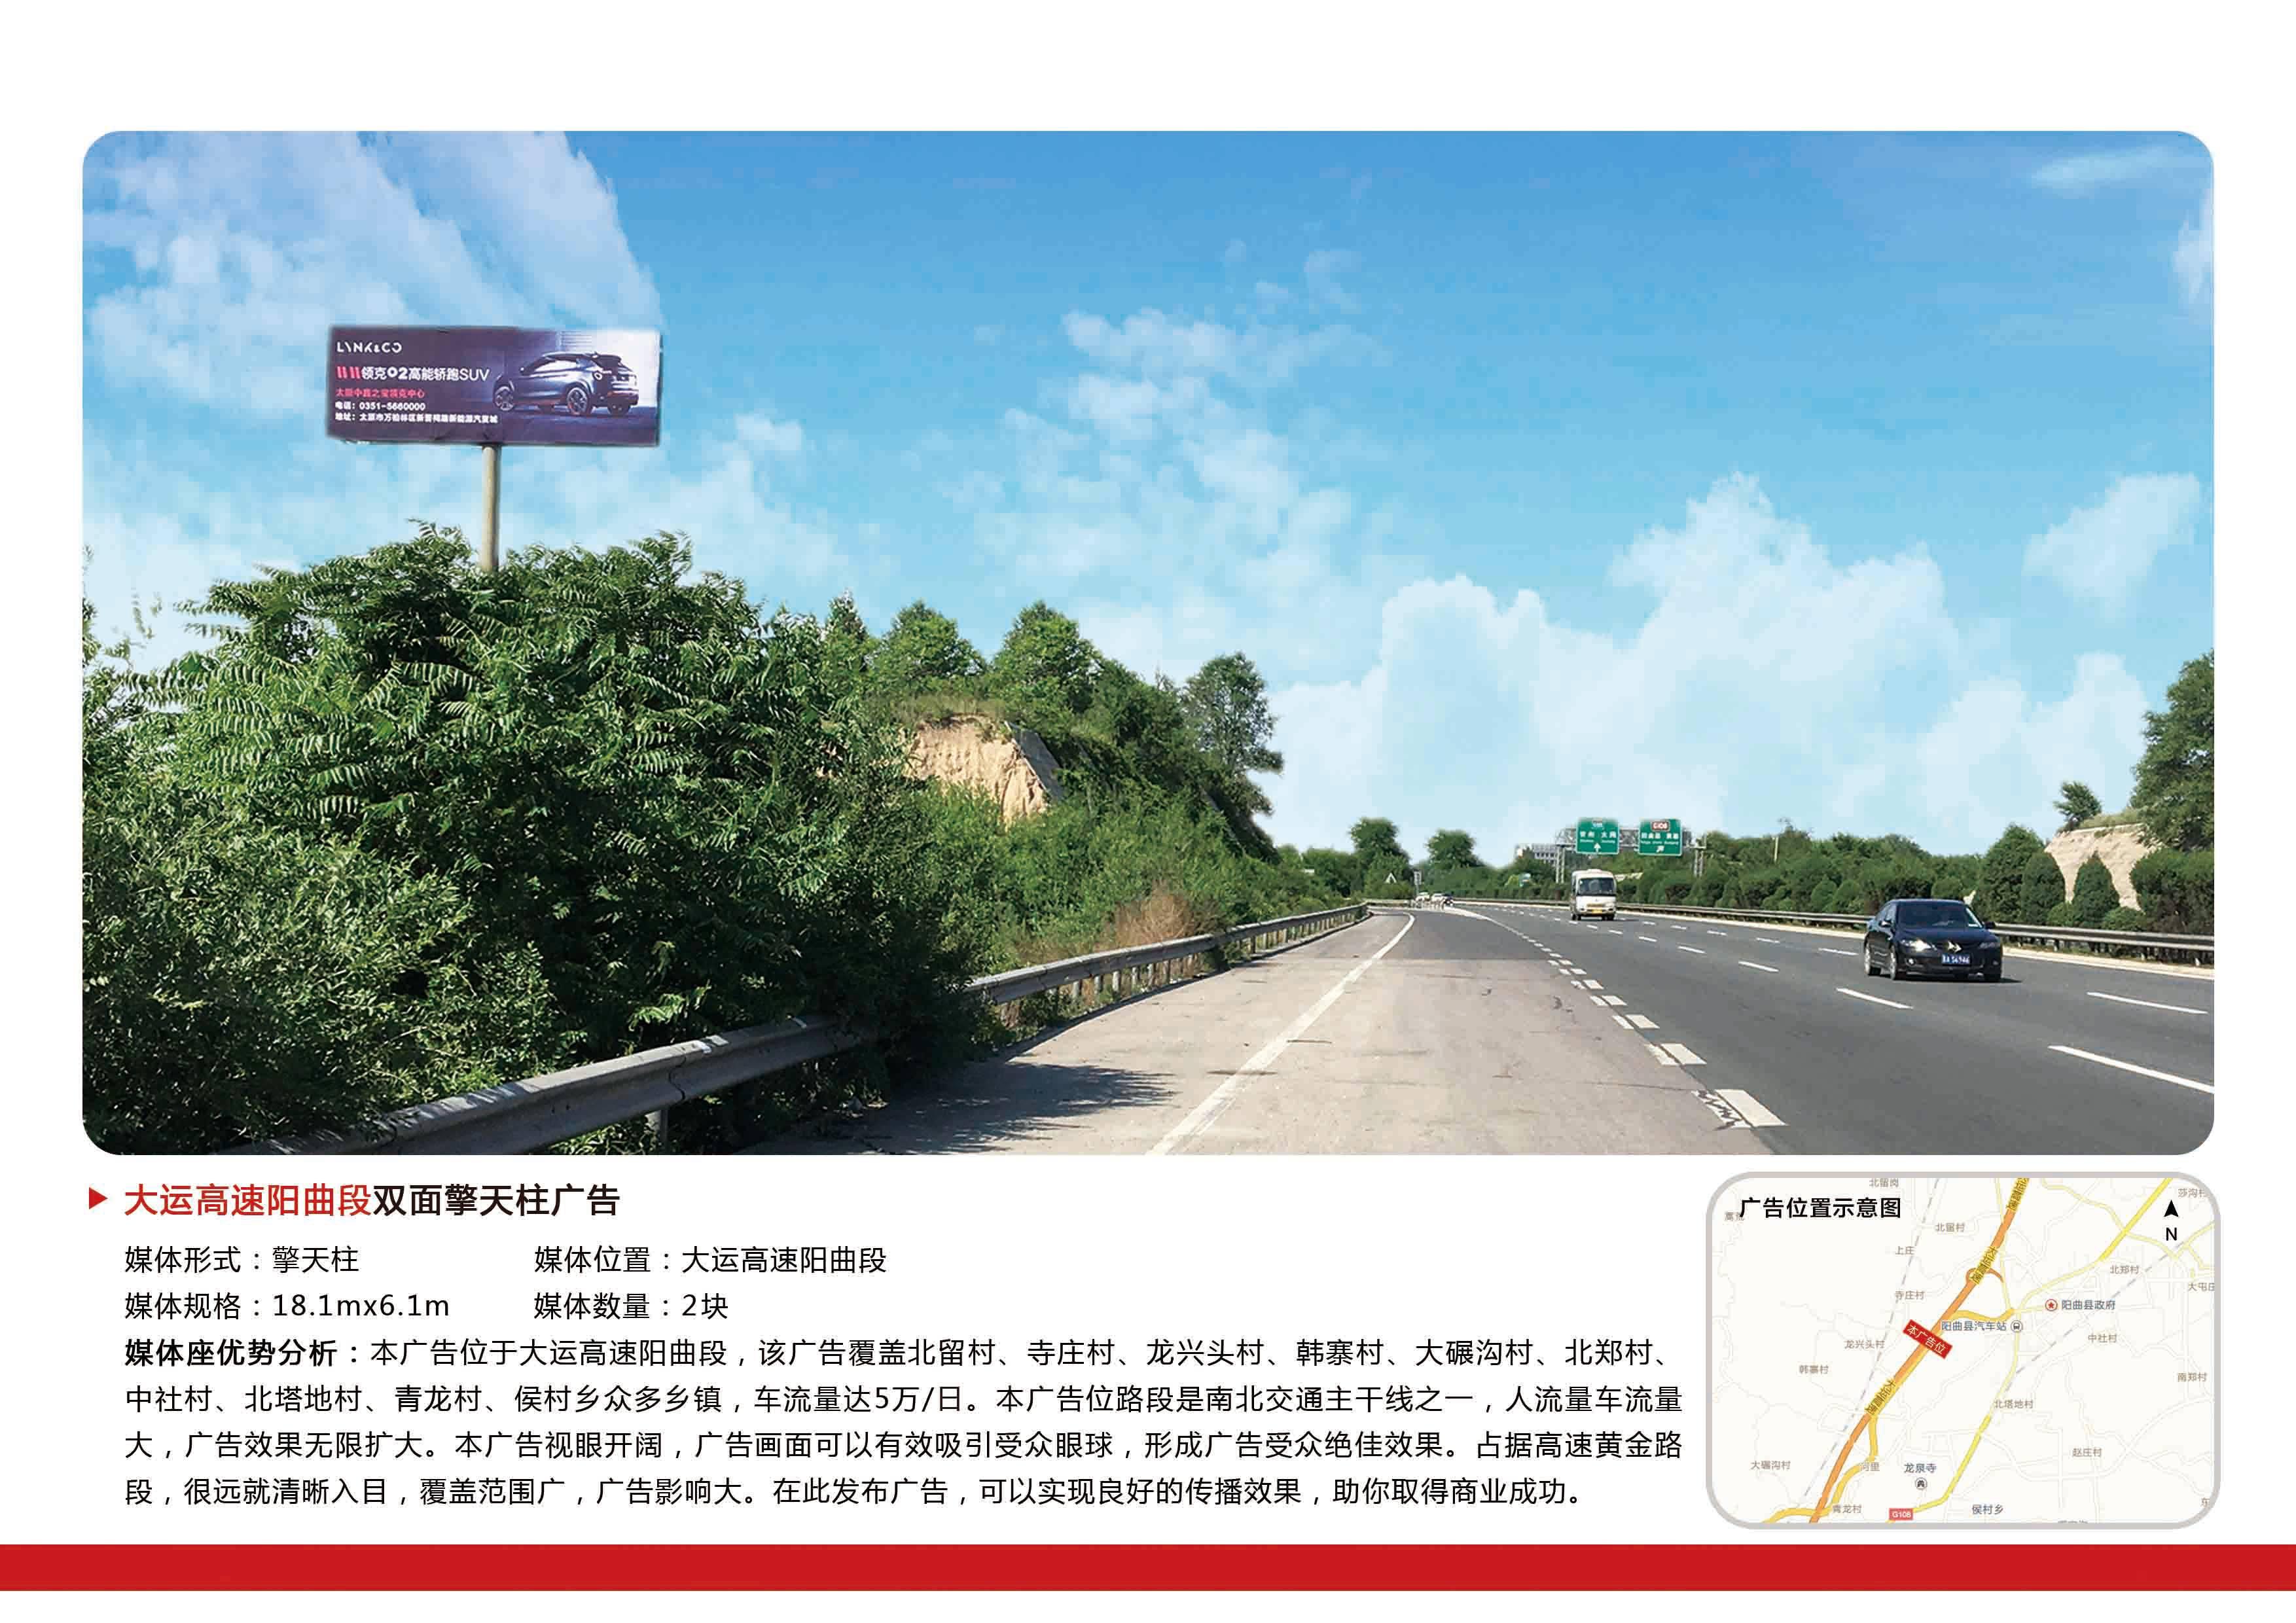 山西二广高速G55阳曲段高速公路牌广告位